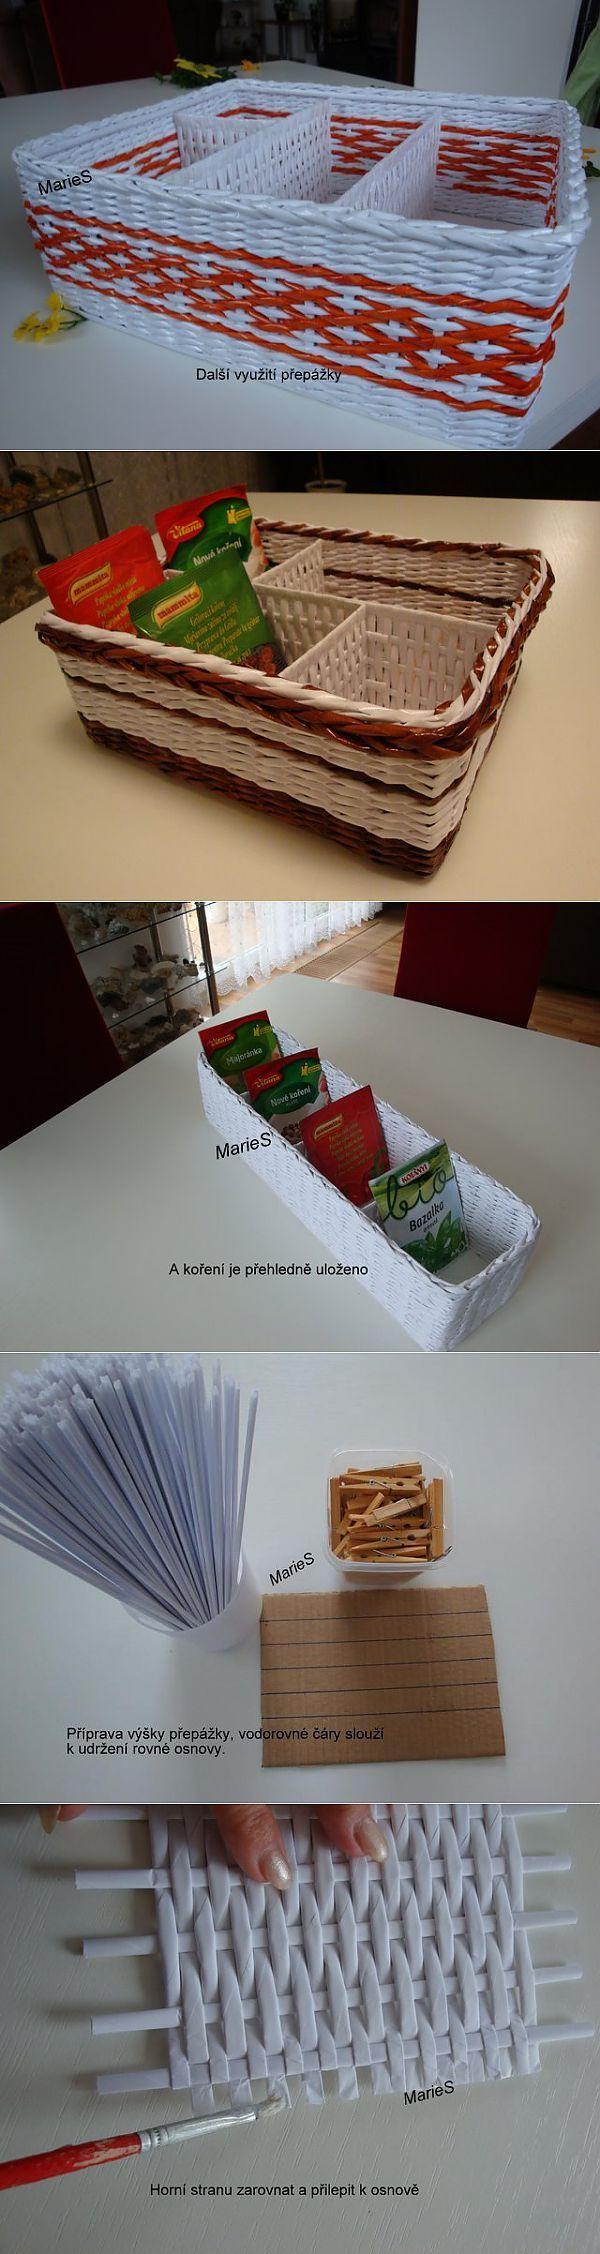 Как сделать коробочку с перегородками: плетение из бумажных трубочек | Умелые ручки | рукоделие | Постила